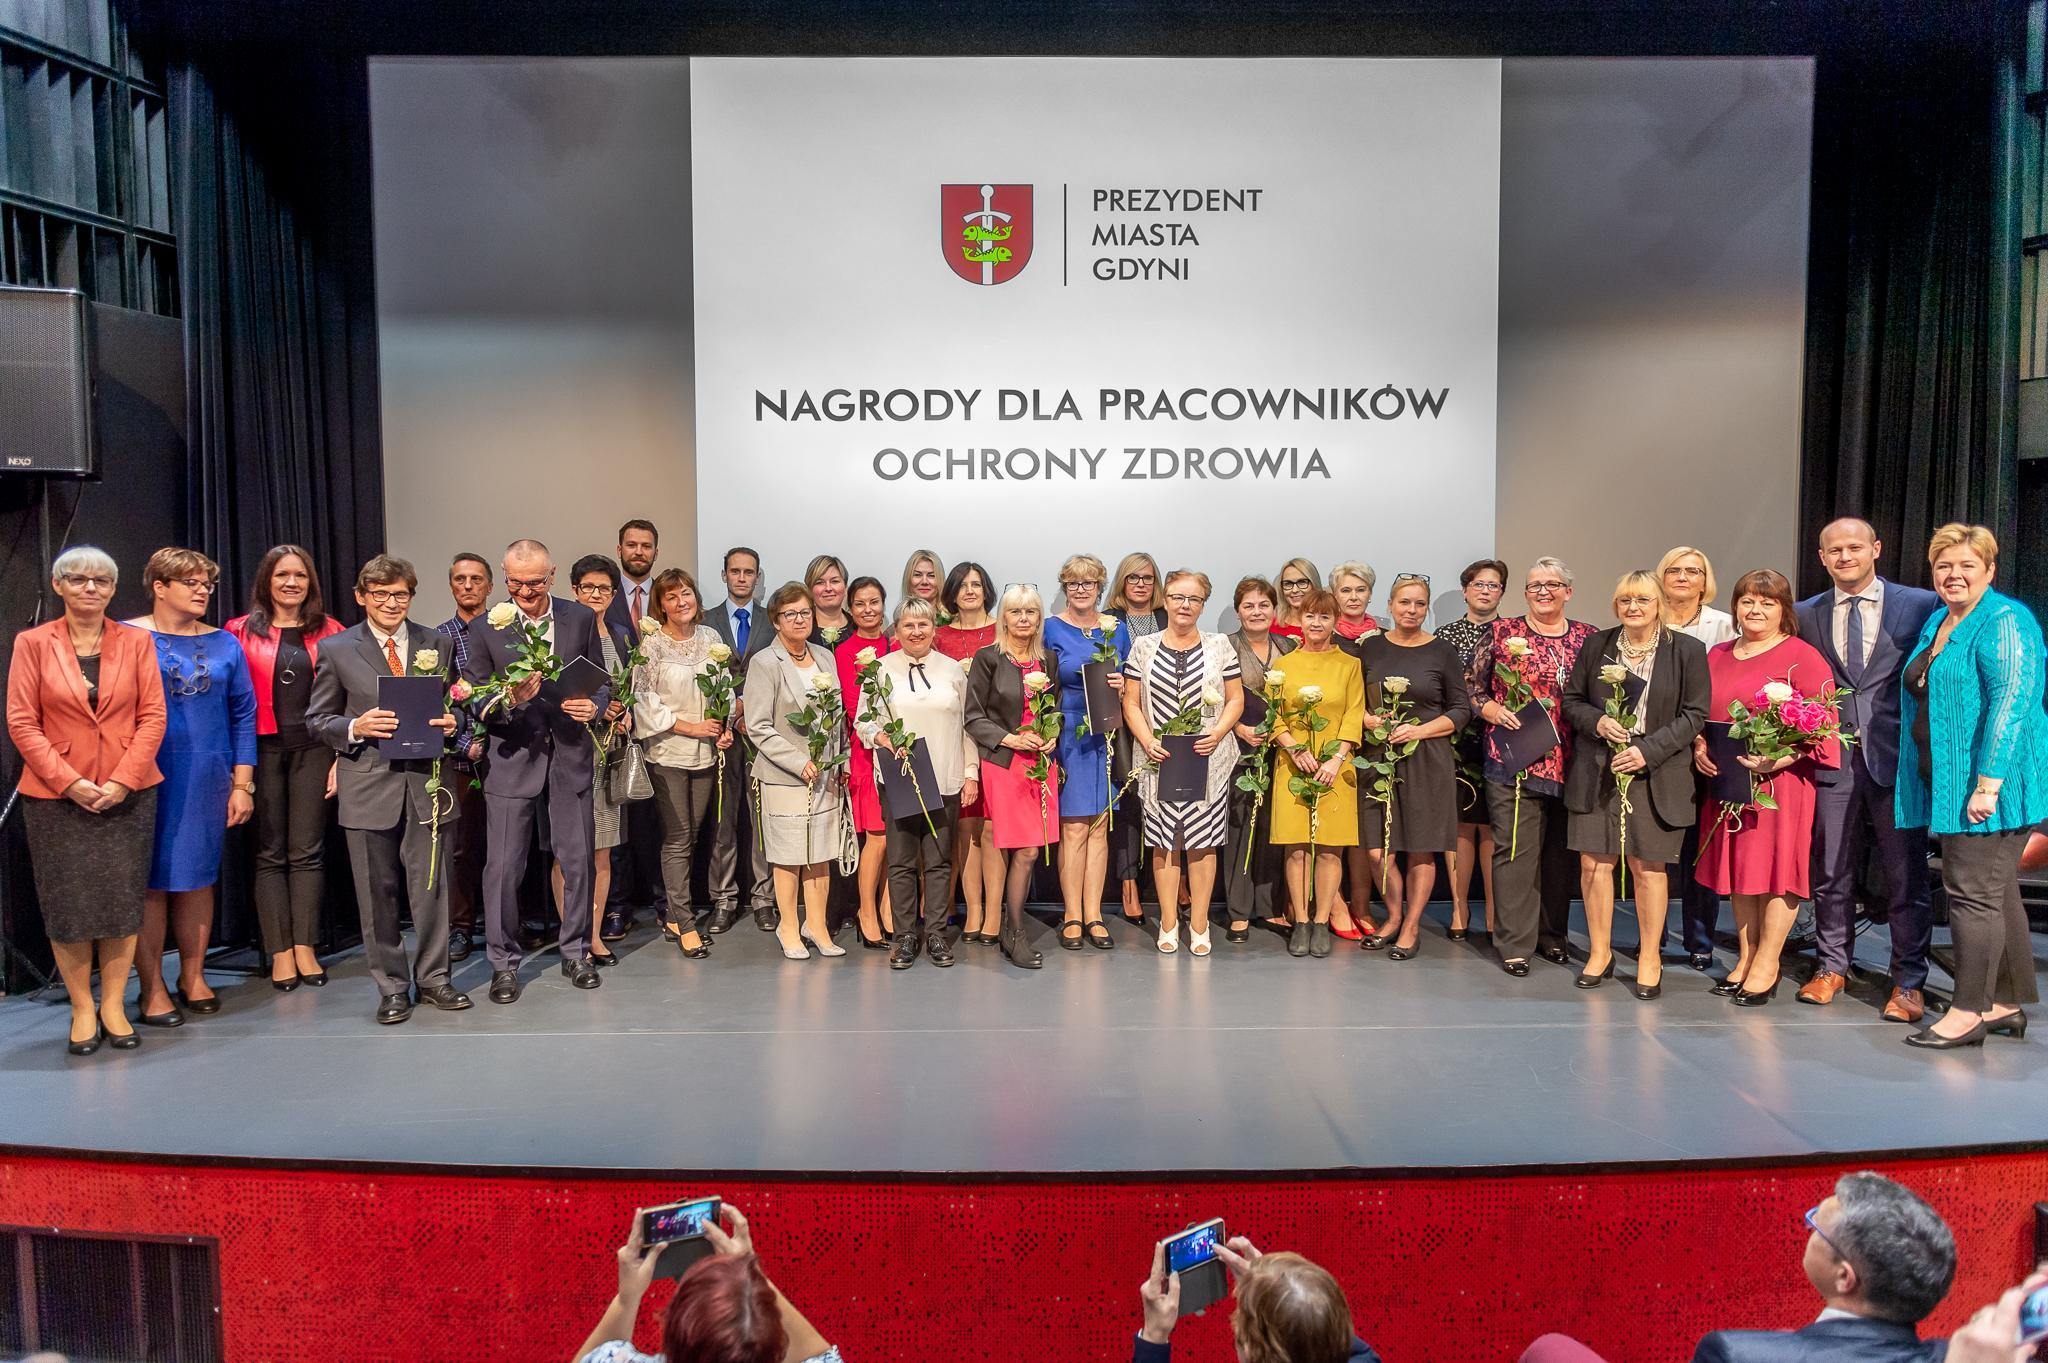 18 października obchodzony jest Dzień Św. Łukasza, patrona pracowników służby zdrowia. Z tej okazji wyróżnionych nagrodą prezydenta Gdyni zostało 30 pracowników gdyńskich szpitali i przychodni, fot. Krzysztof Kozicki